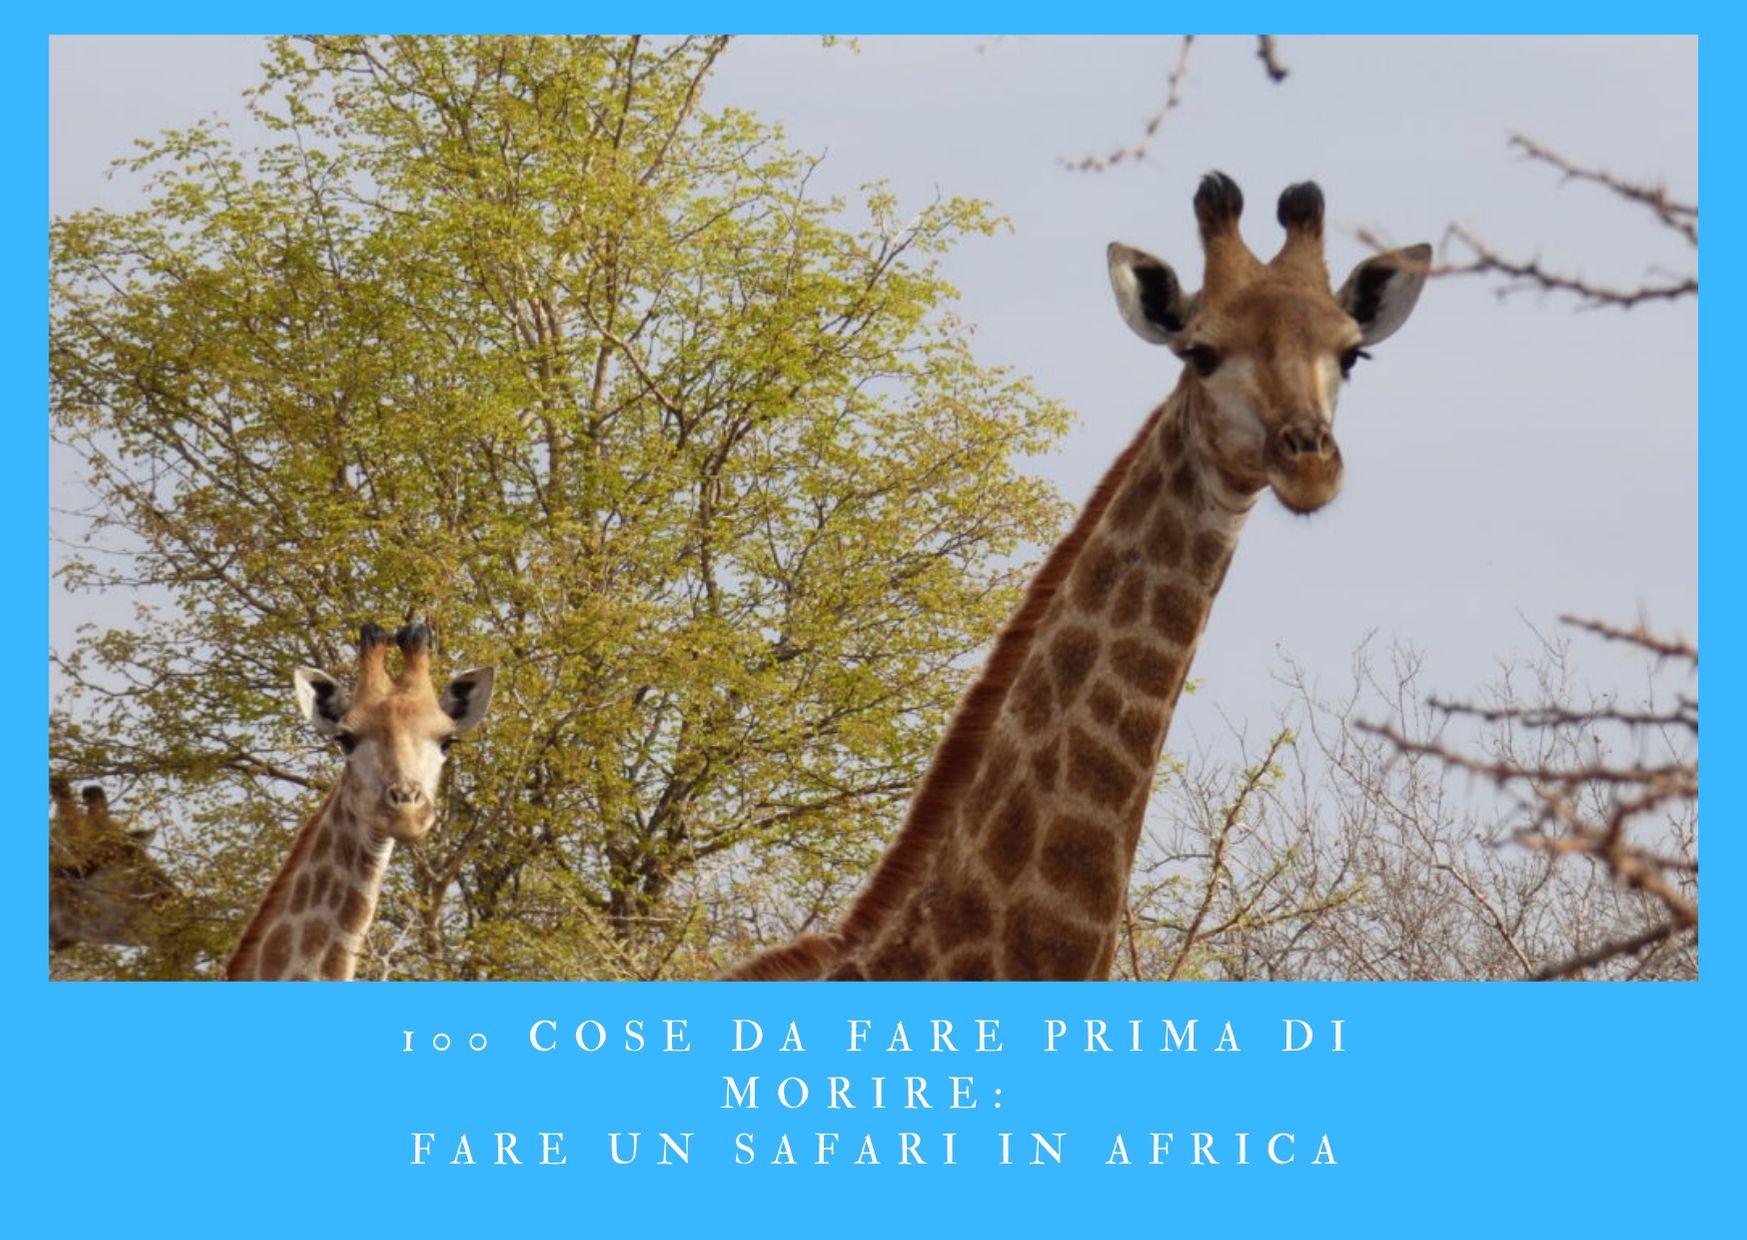 100 cose da fare prima di morire - fare un safari in Africa